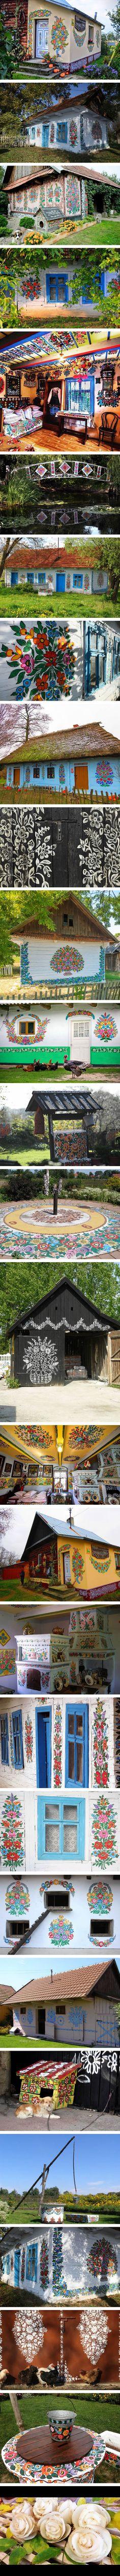 Zalipie, Poland's Prettiest Painted Village